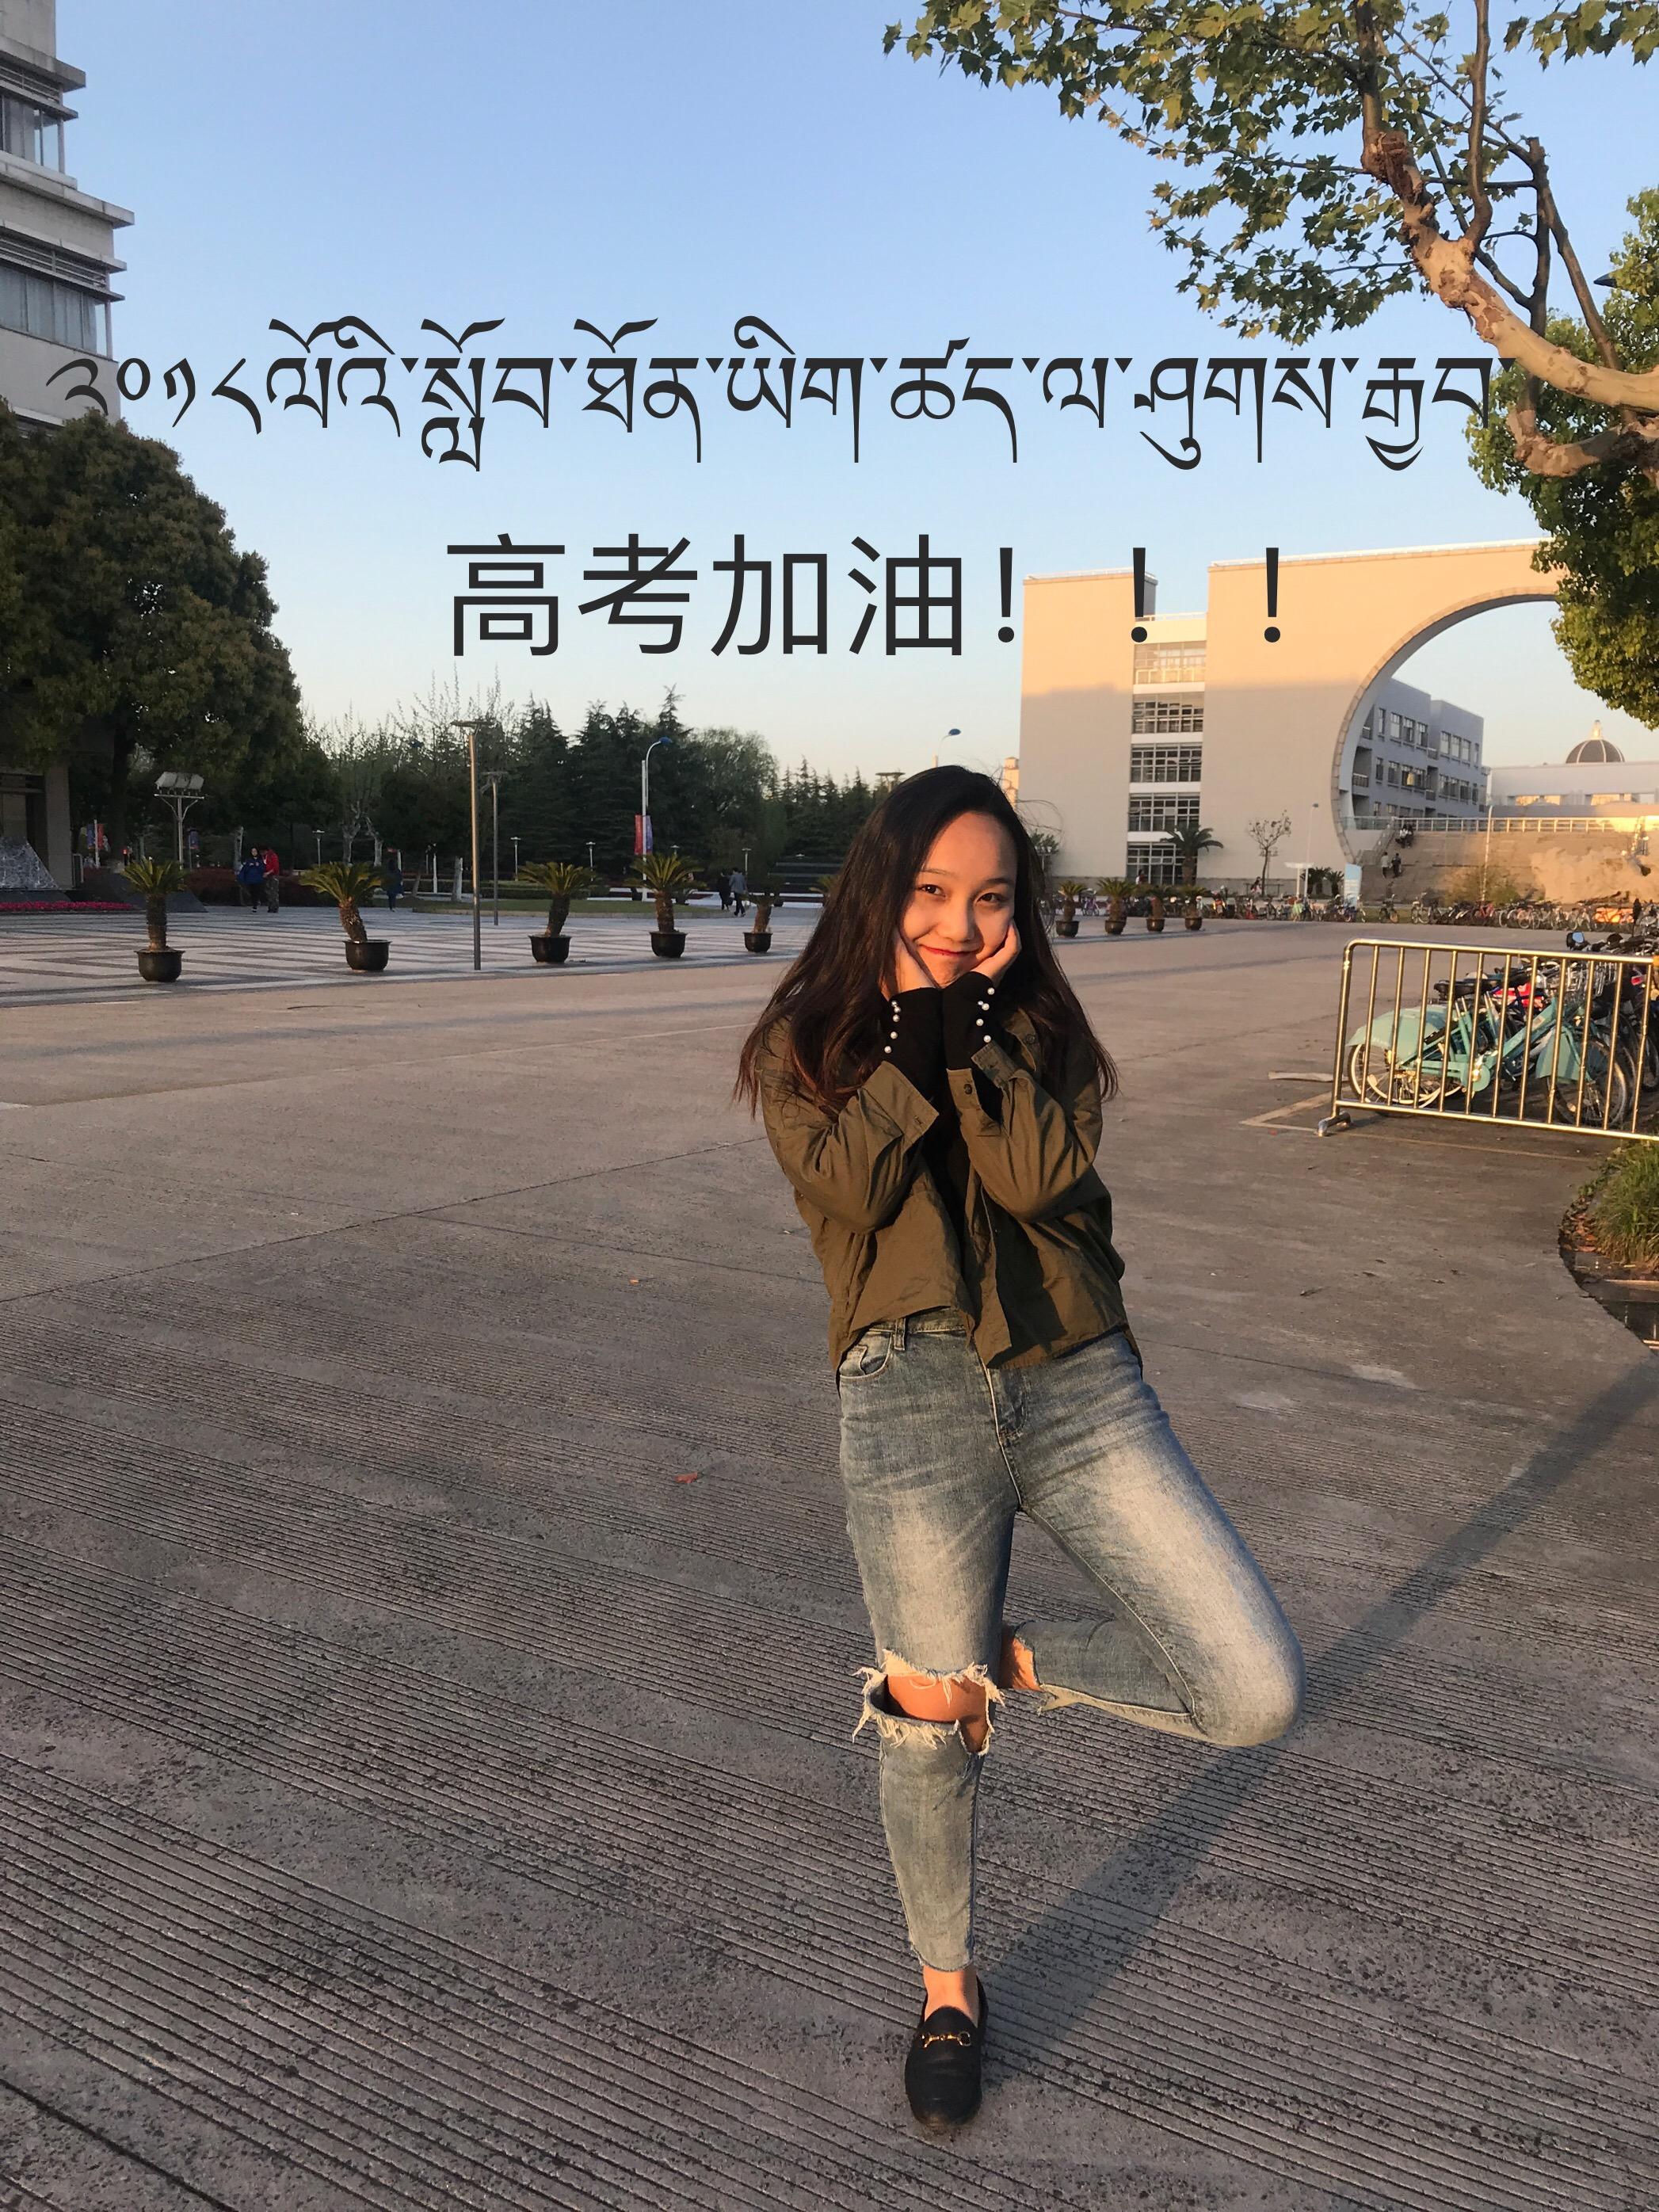 2015边央(藏)-上海外国语大学.jpg